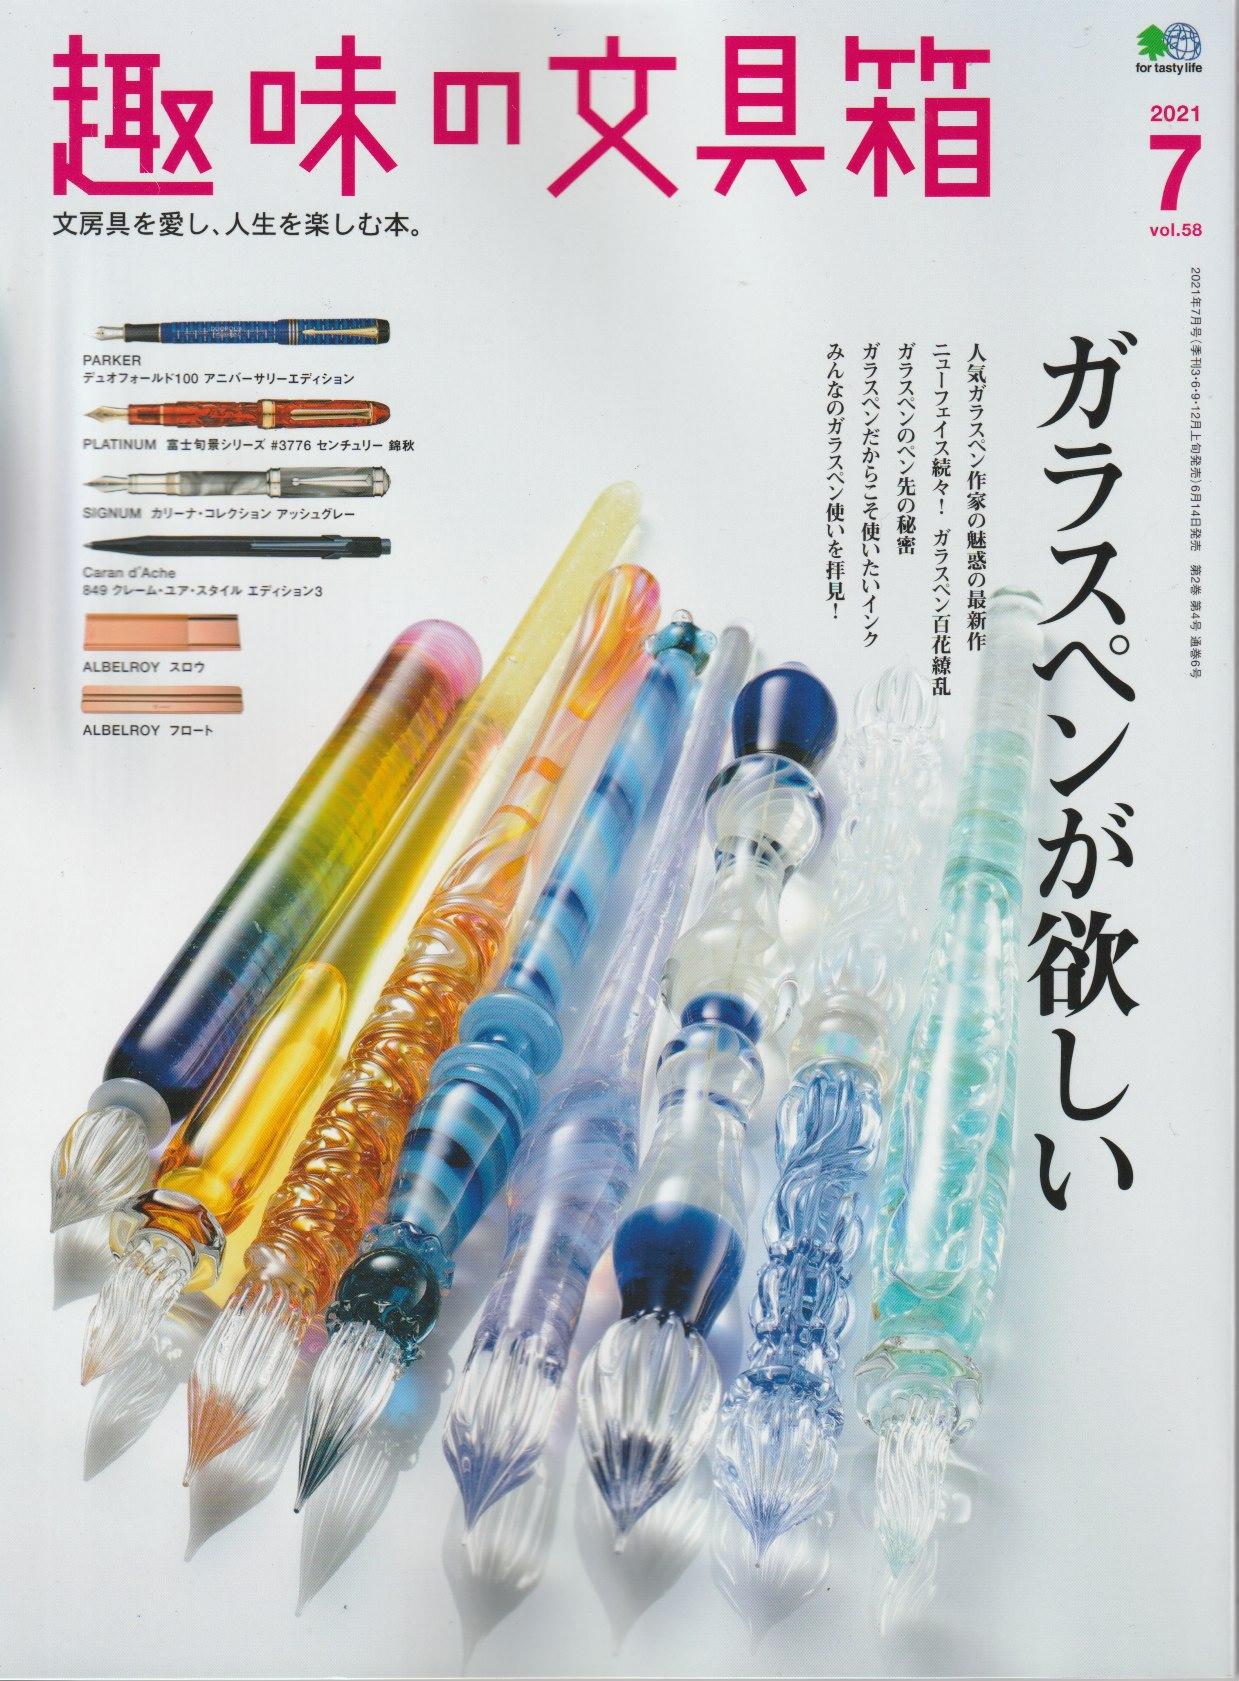 趣味の文具箱 58号